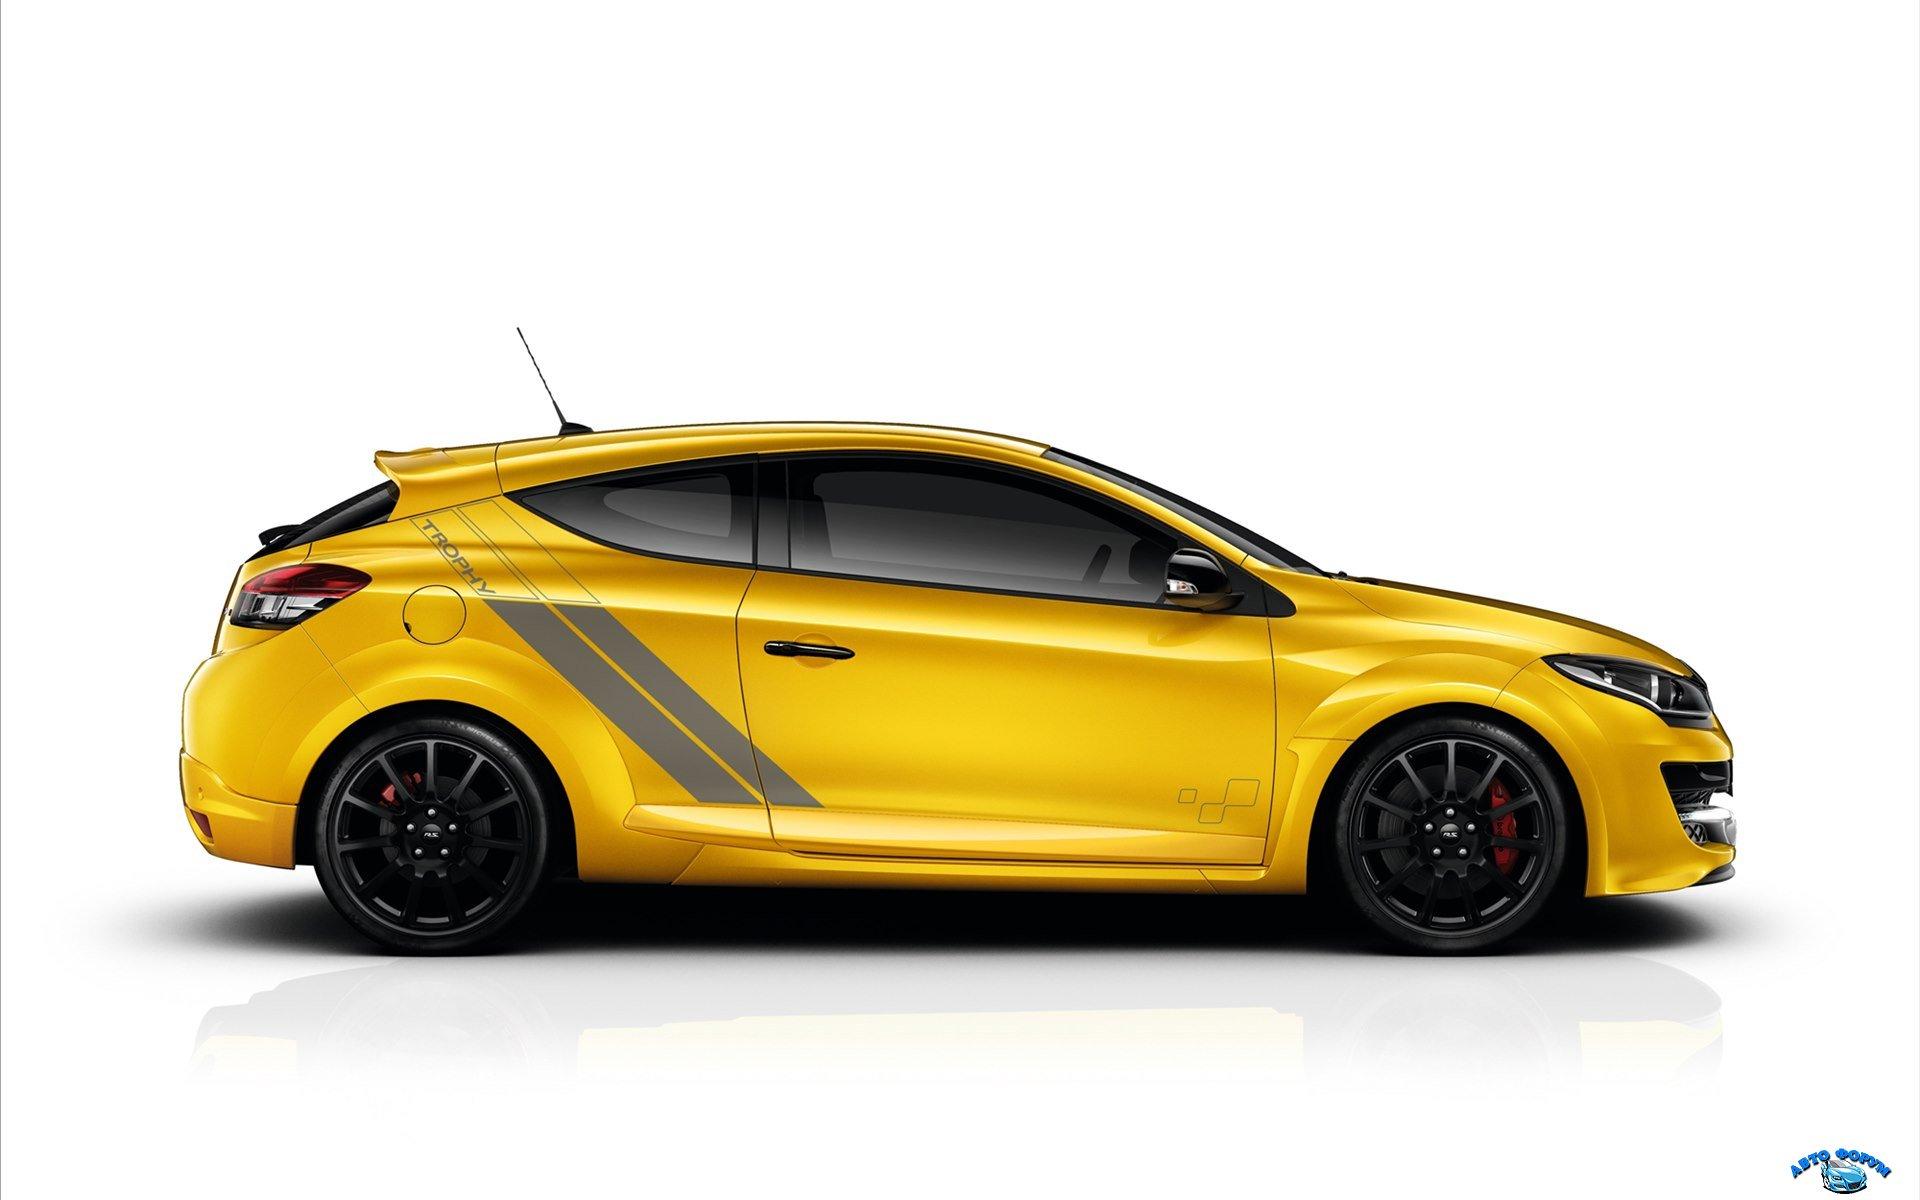 Renault-Megane-RS-275-Trophy-2014-widescreen-02.jpg